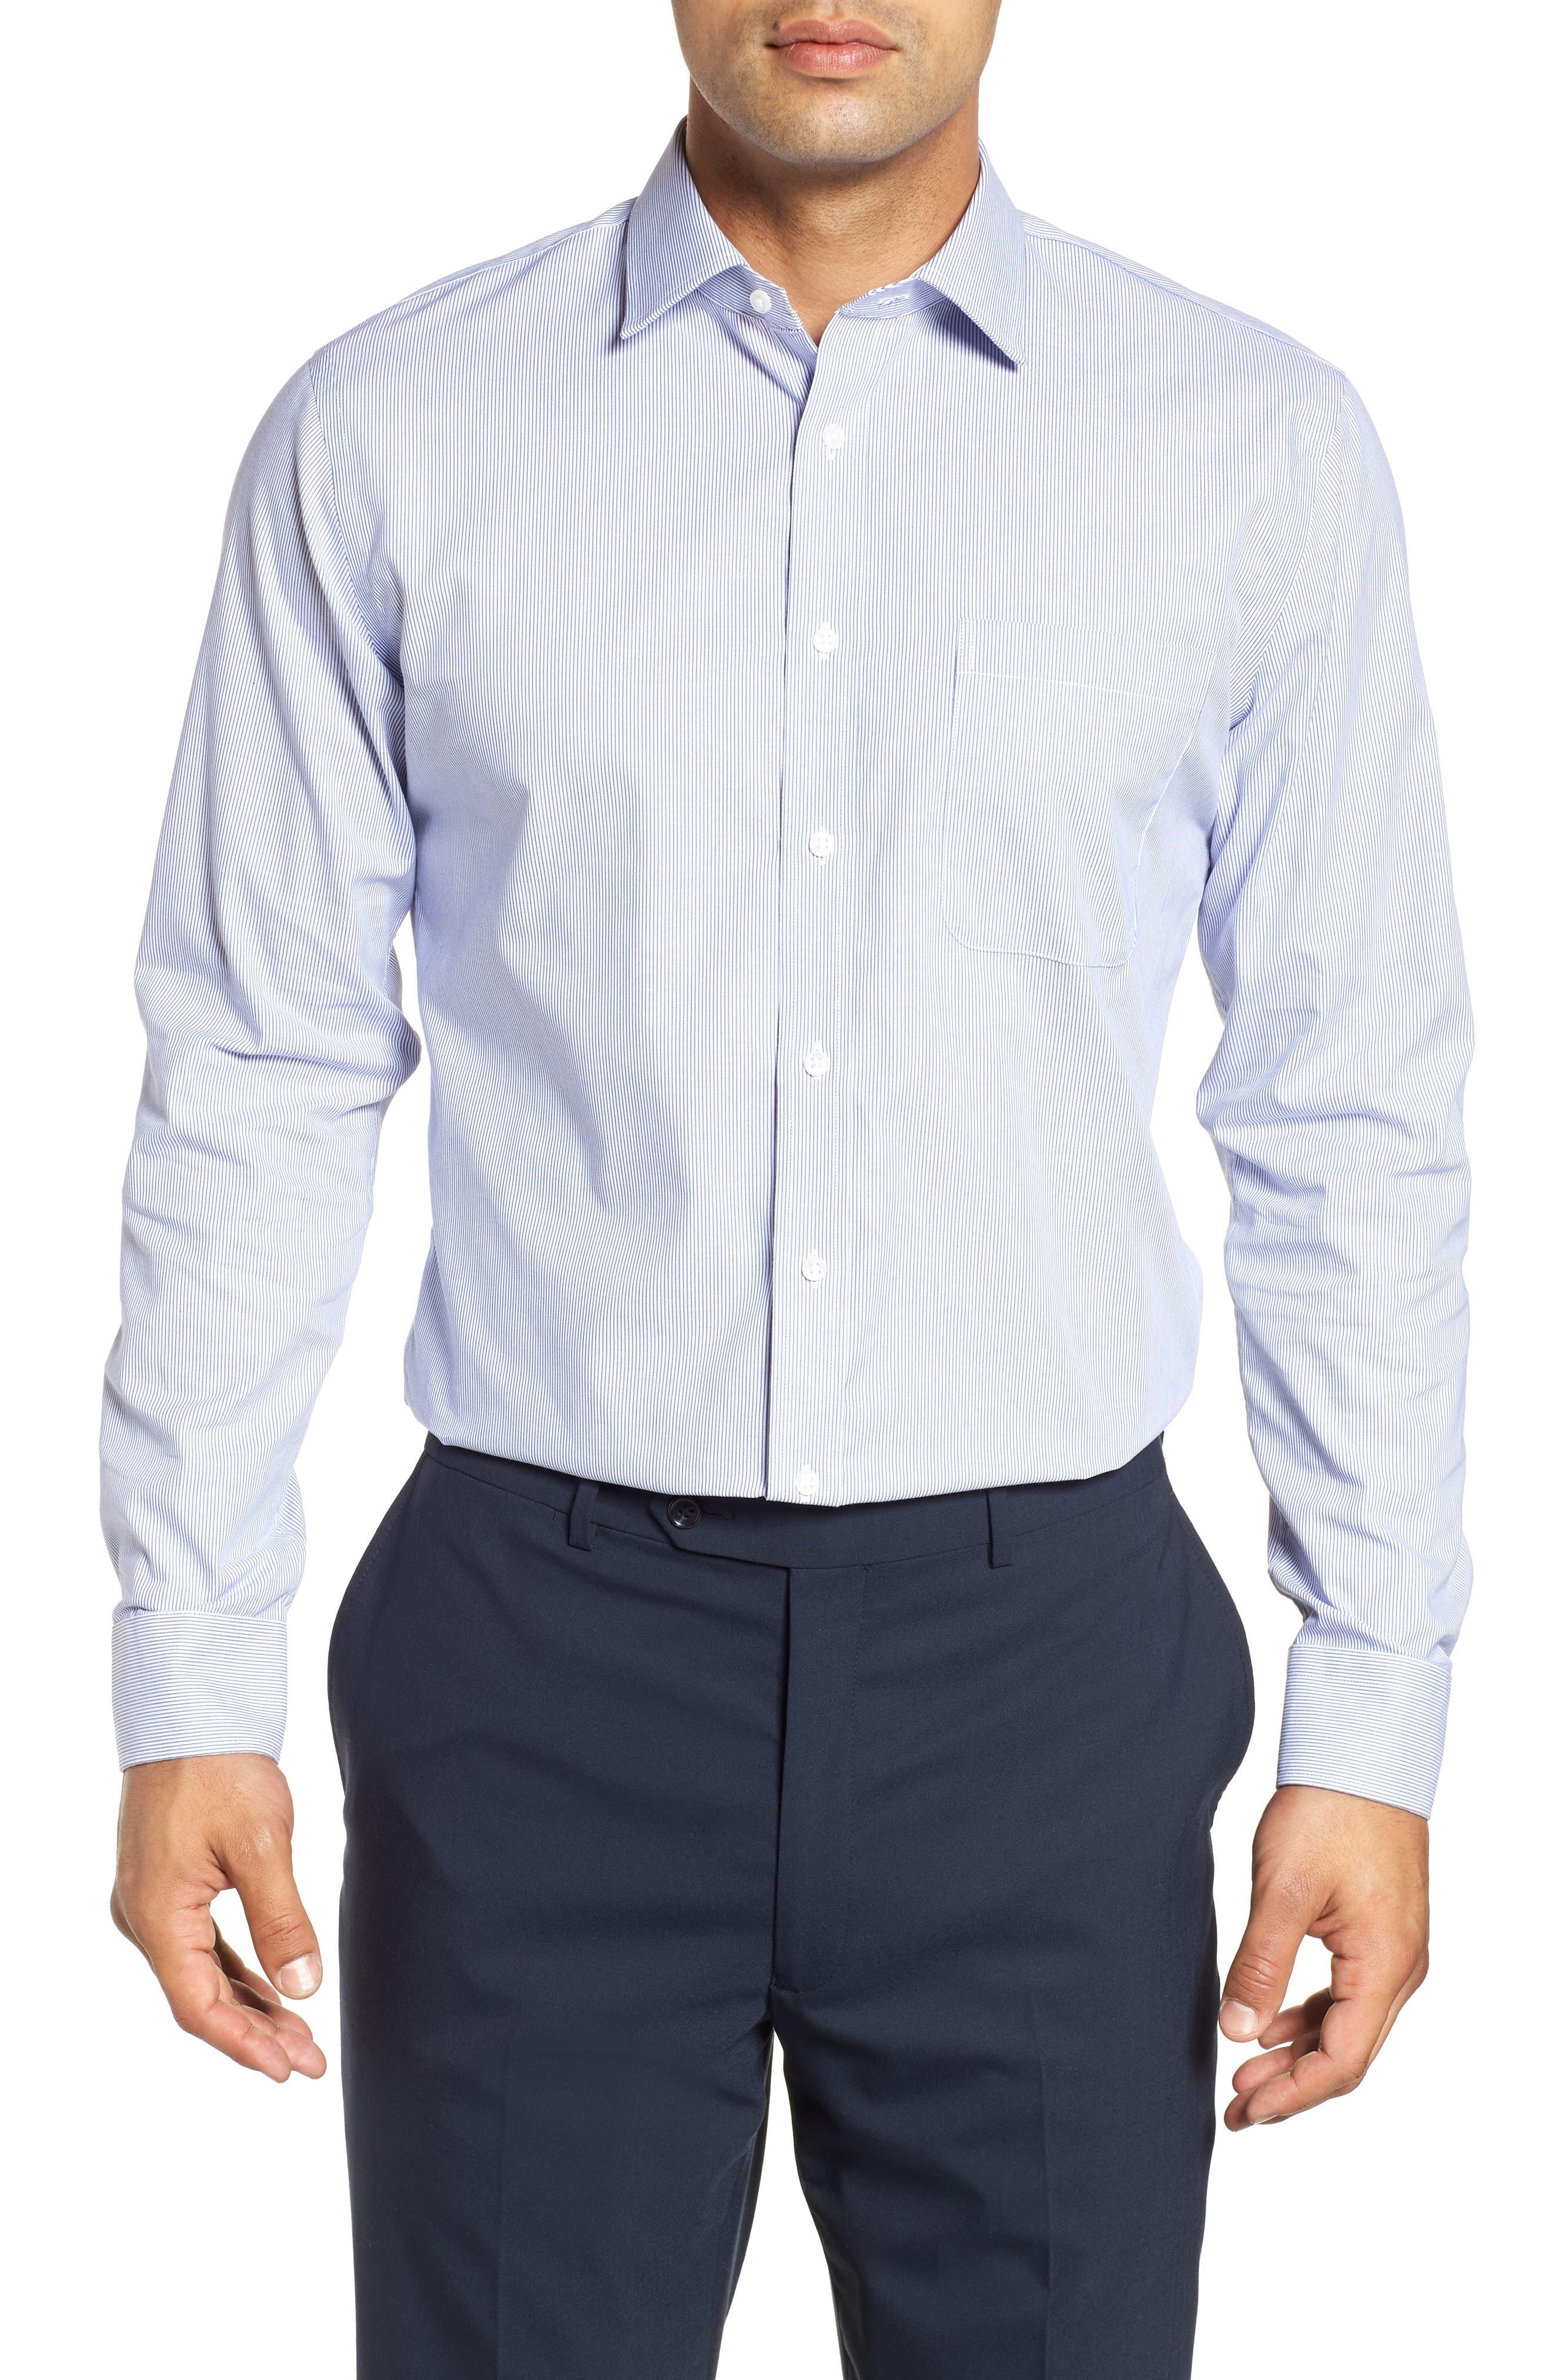 NORDSTROM MEN'S SHOP, Trim Fit Non-Iron Stripe Dress Shirt, Main thumbnail 1, color, NAVY PATRIOT